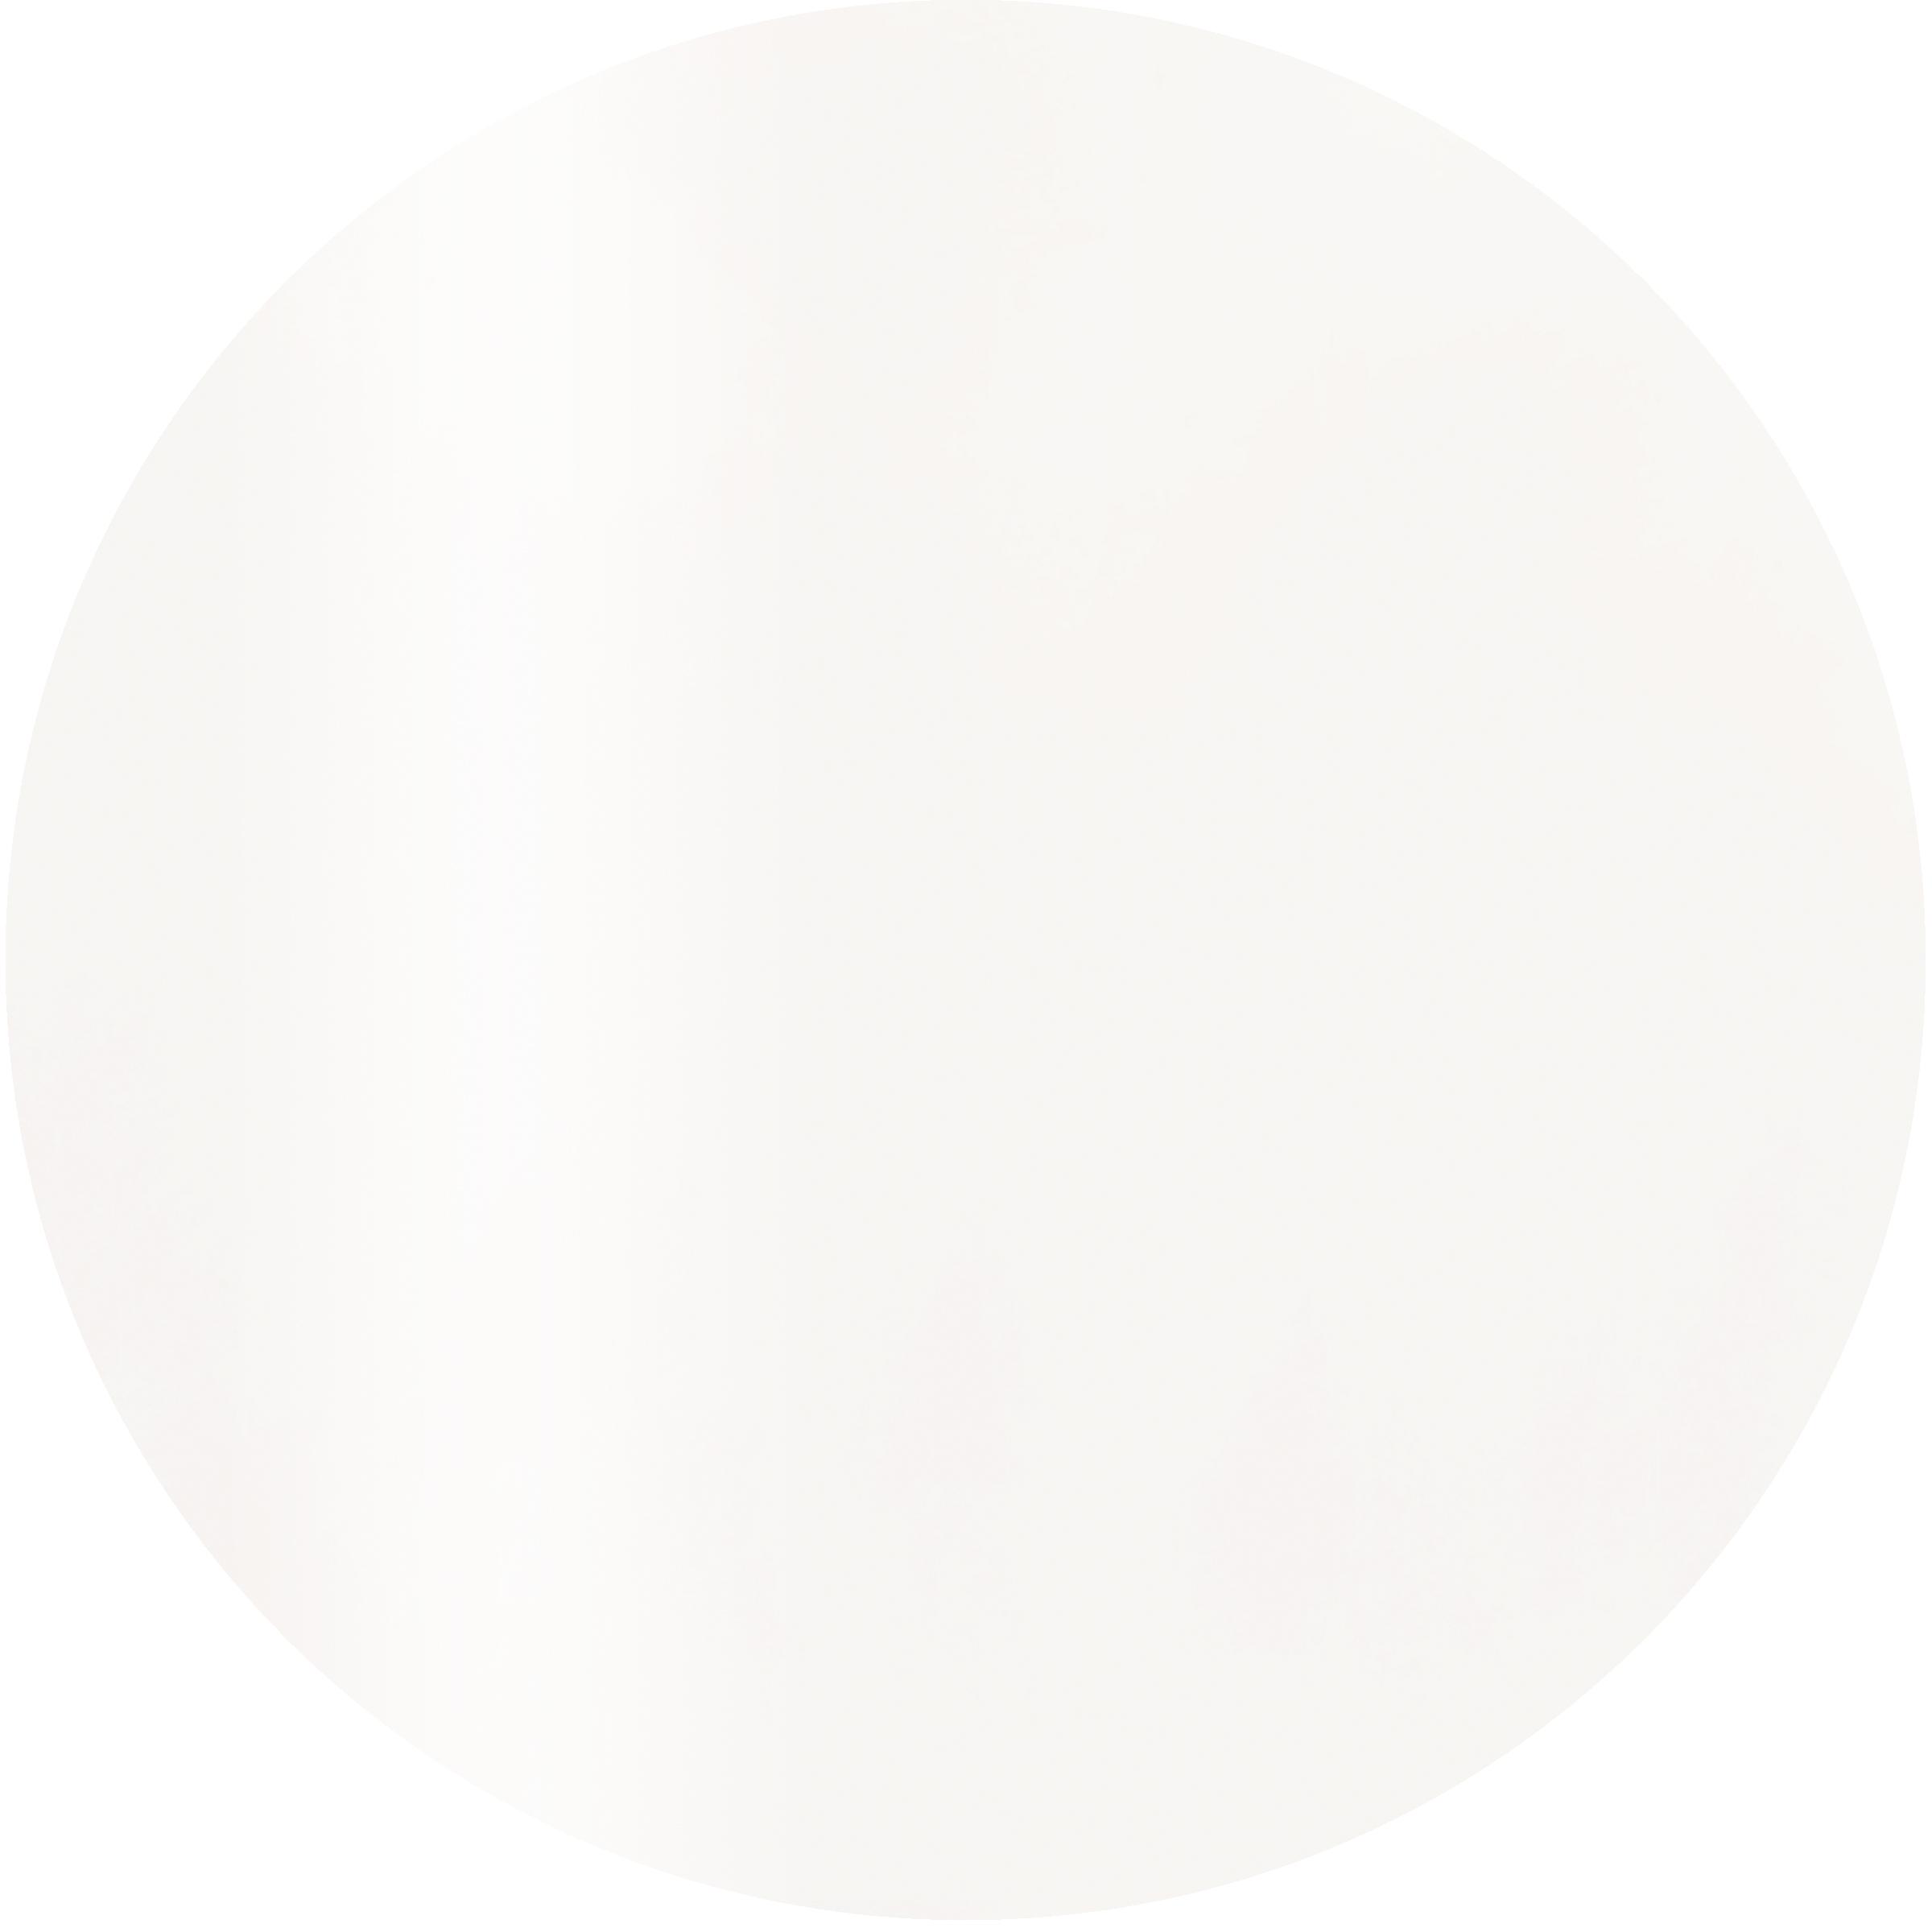 ソリッドホワイト CGM01WH